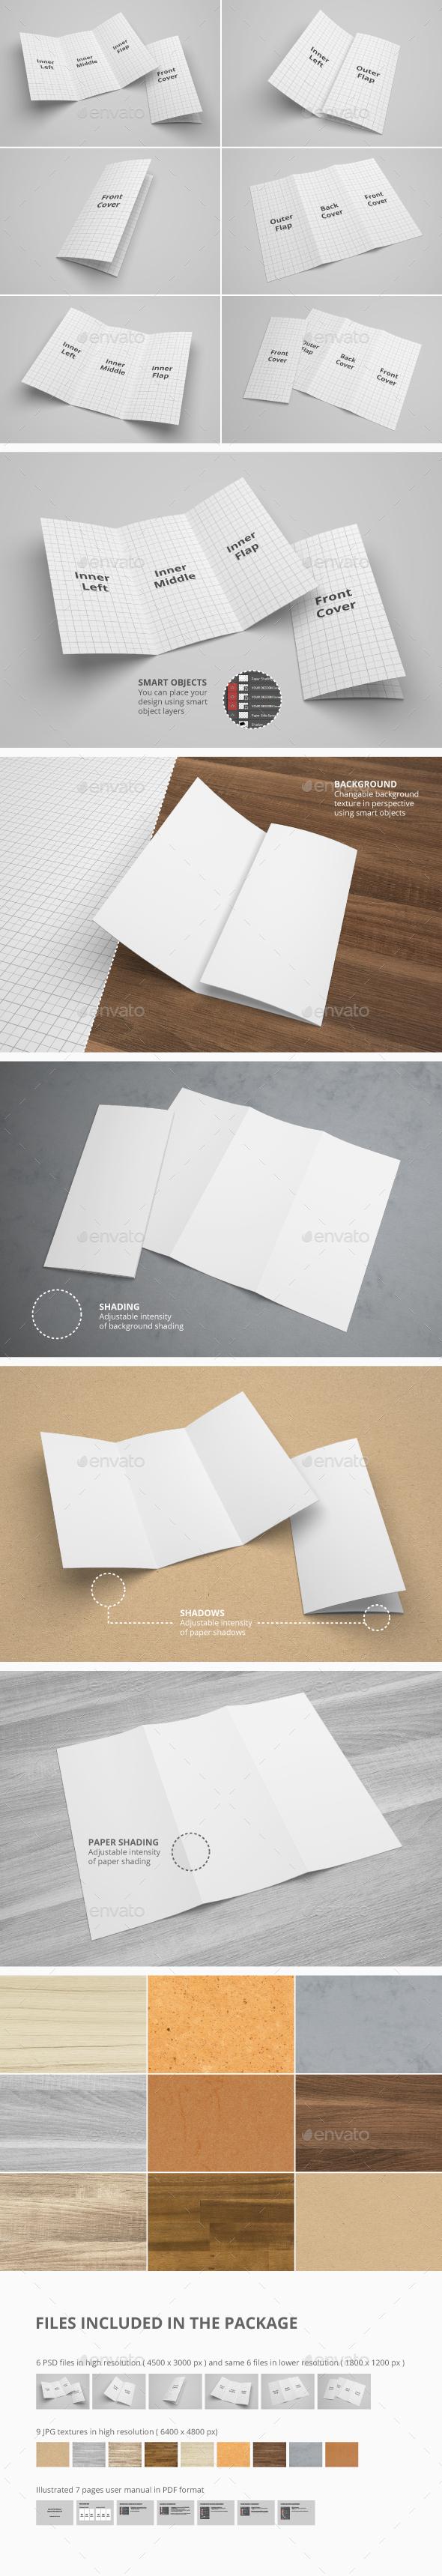 US Letter Trifold Brochure Mockup - Brochures Print